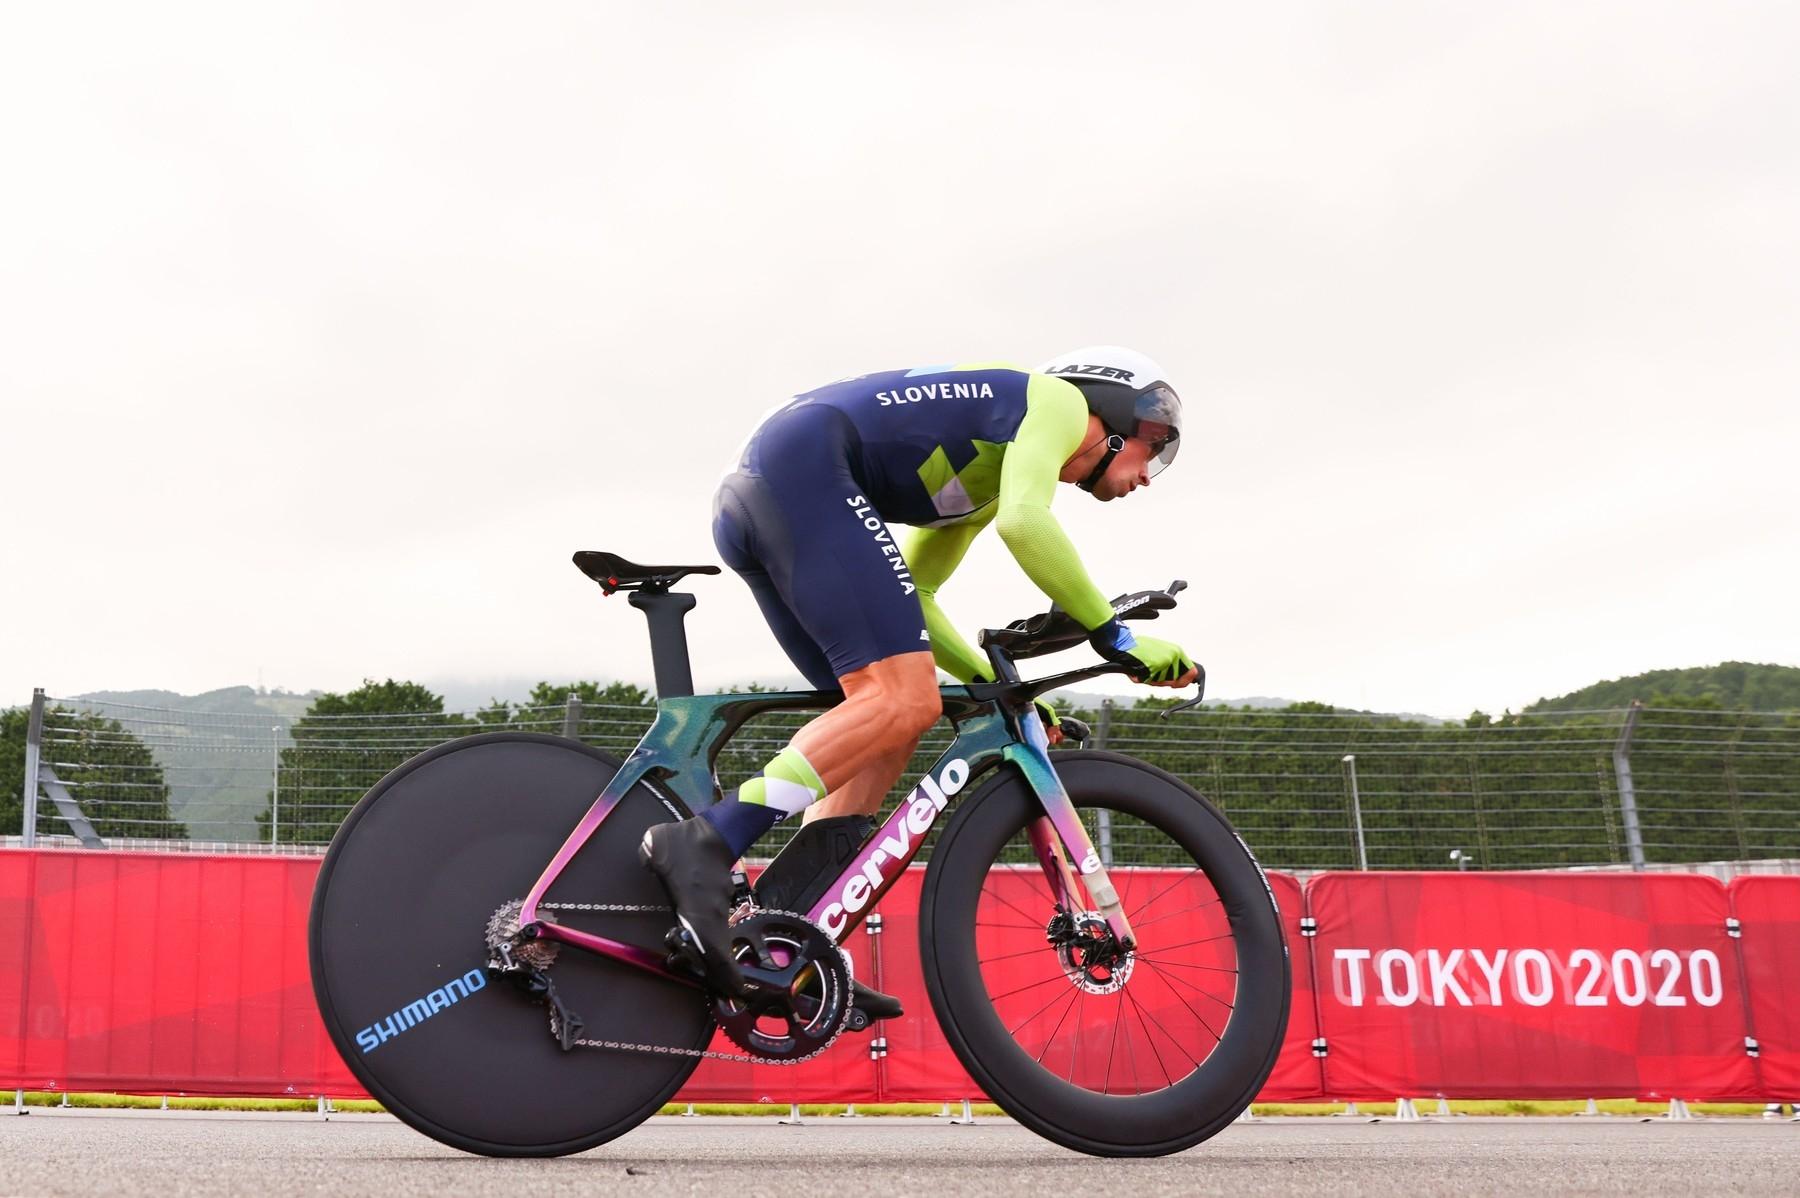 Primož Roglič drtí pedály při časovce na olympijských hrách v Tokiu. Foto: profimedia (3x)